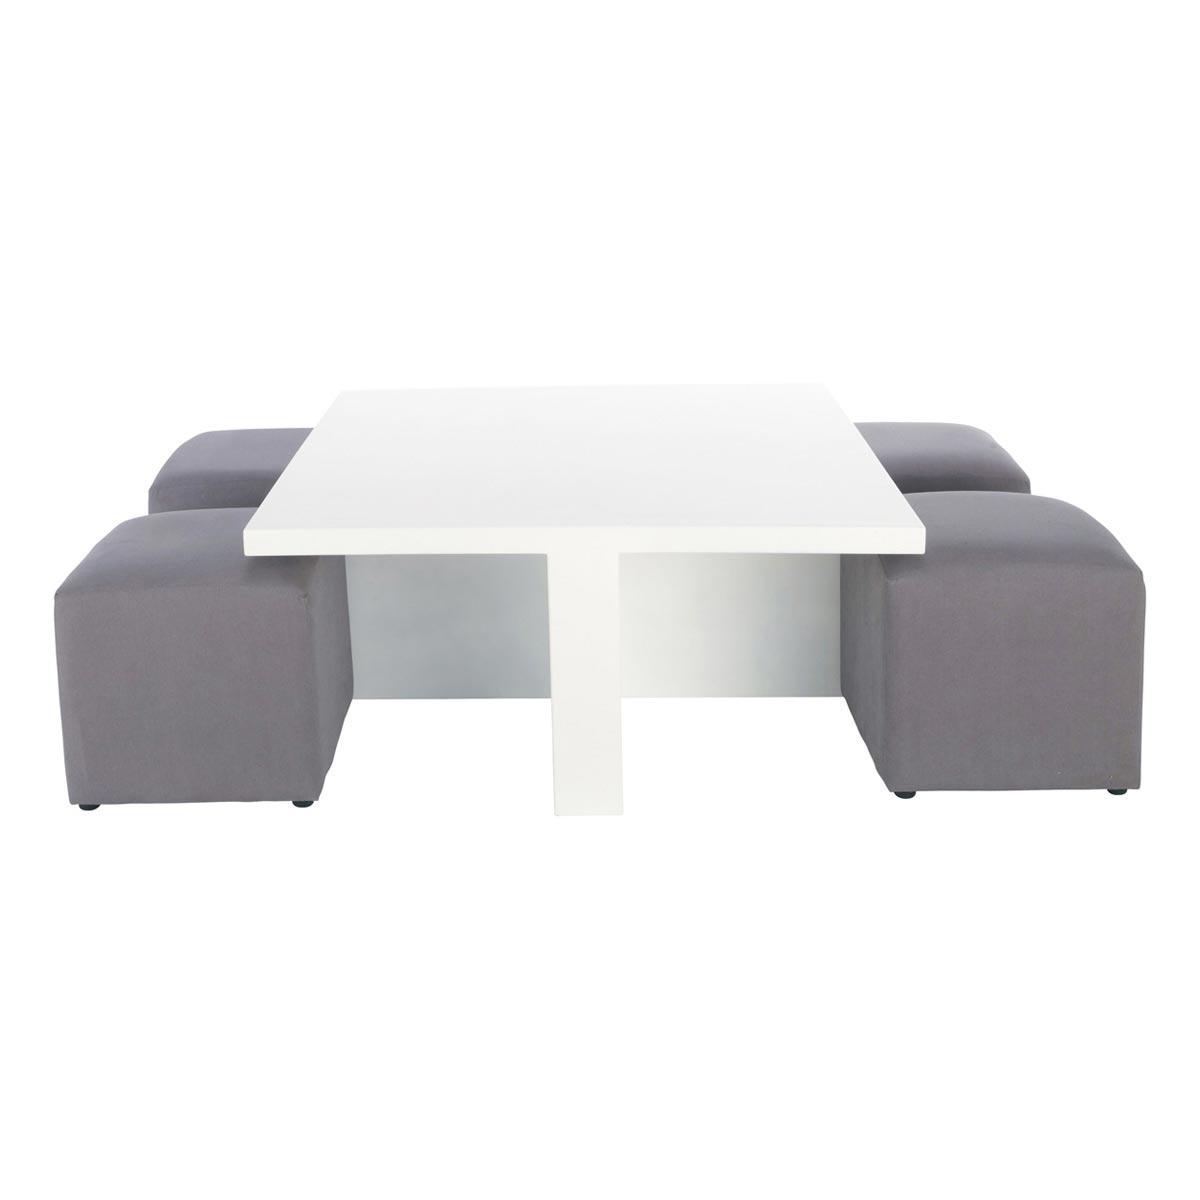 Table basse avec pouf solde